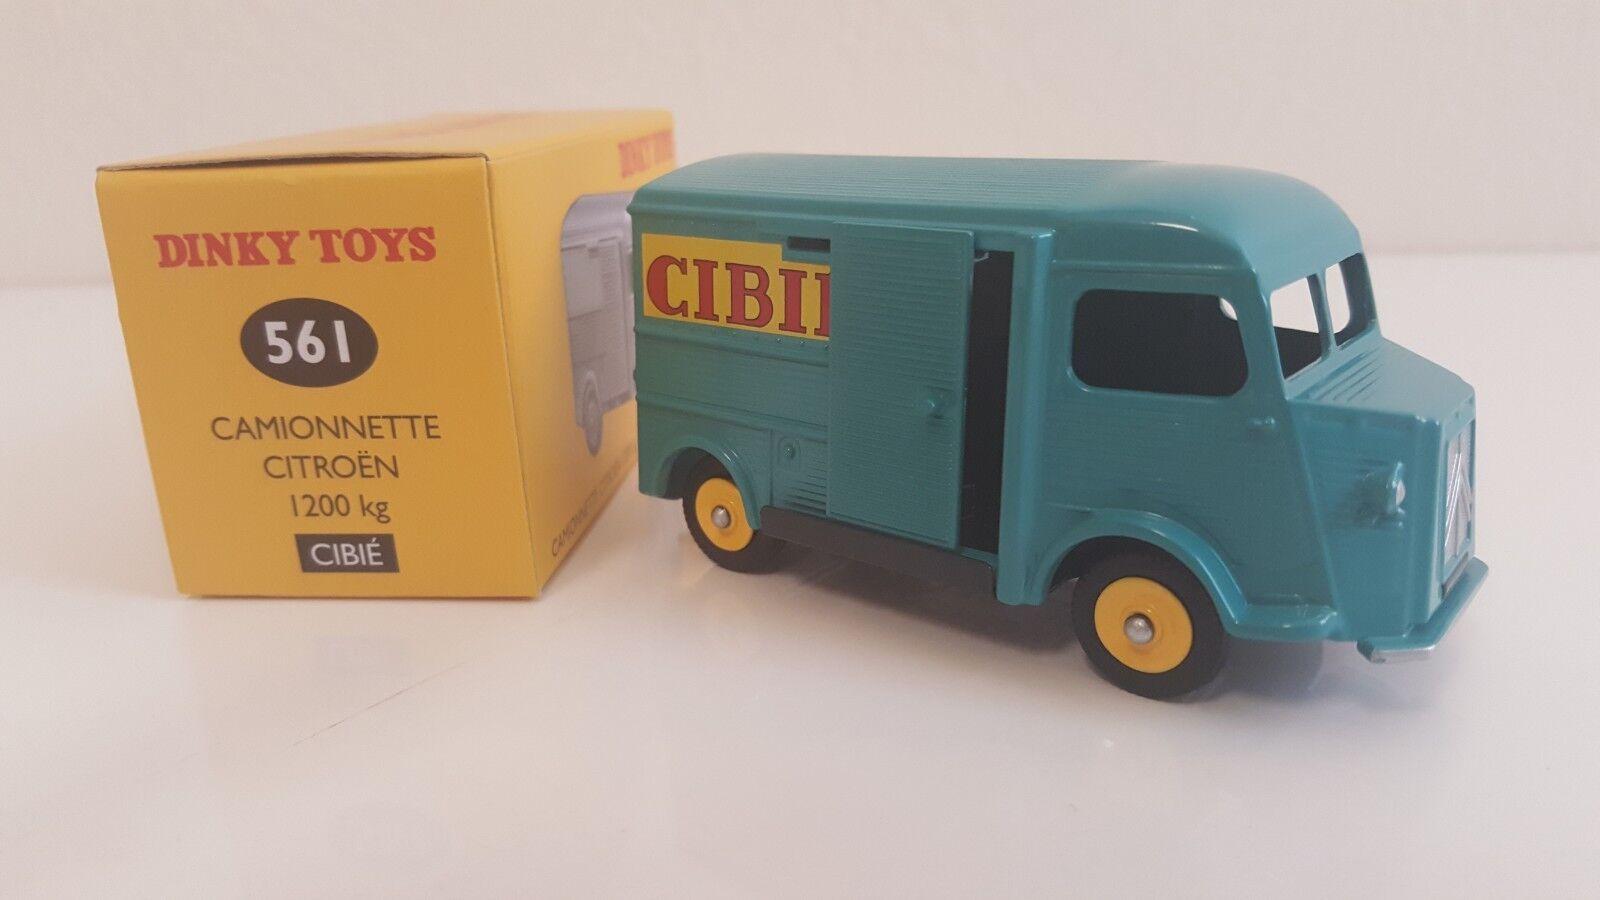 Schäbiges spielzeug atlas - citro ë n camionnette von 1200 kg cibi é (s. 561)